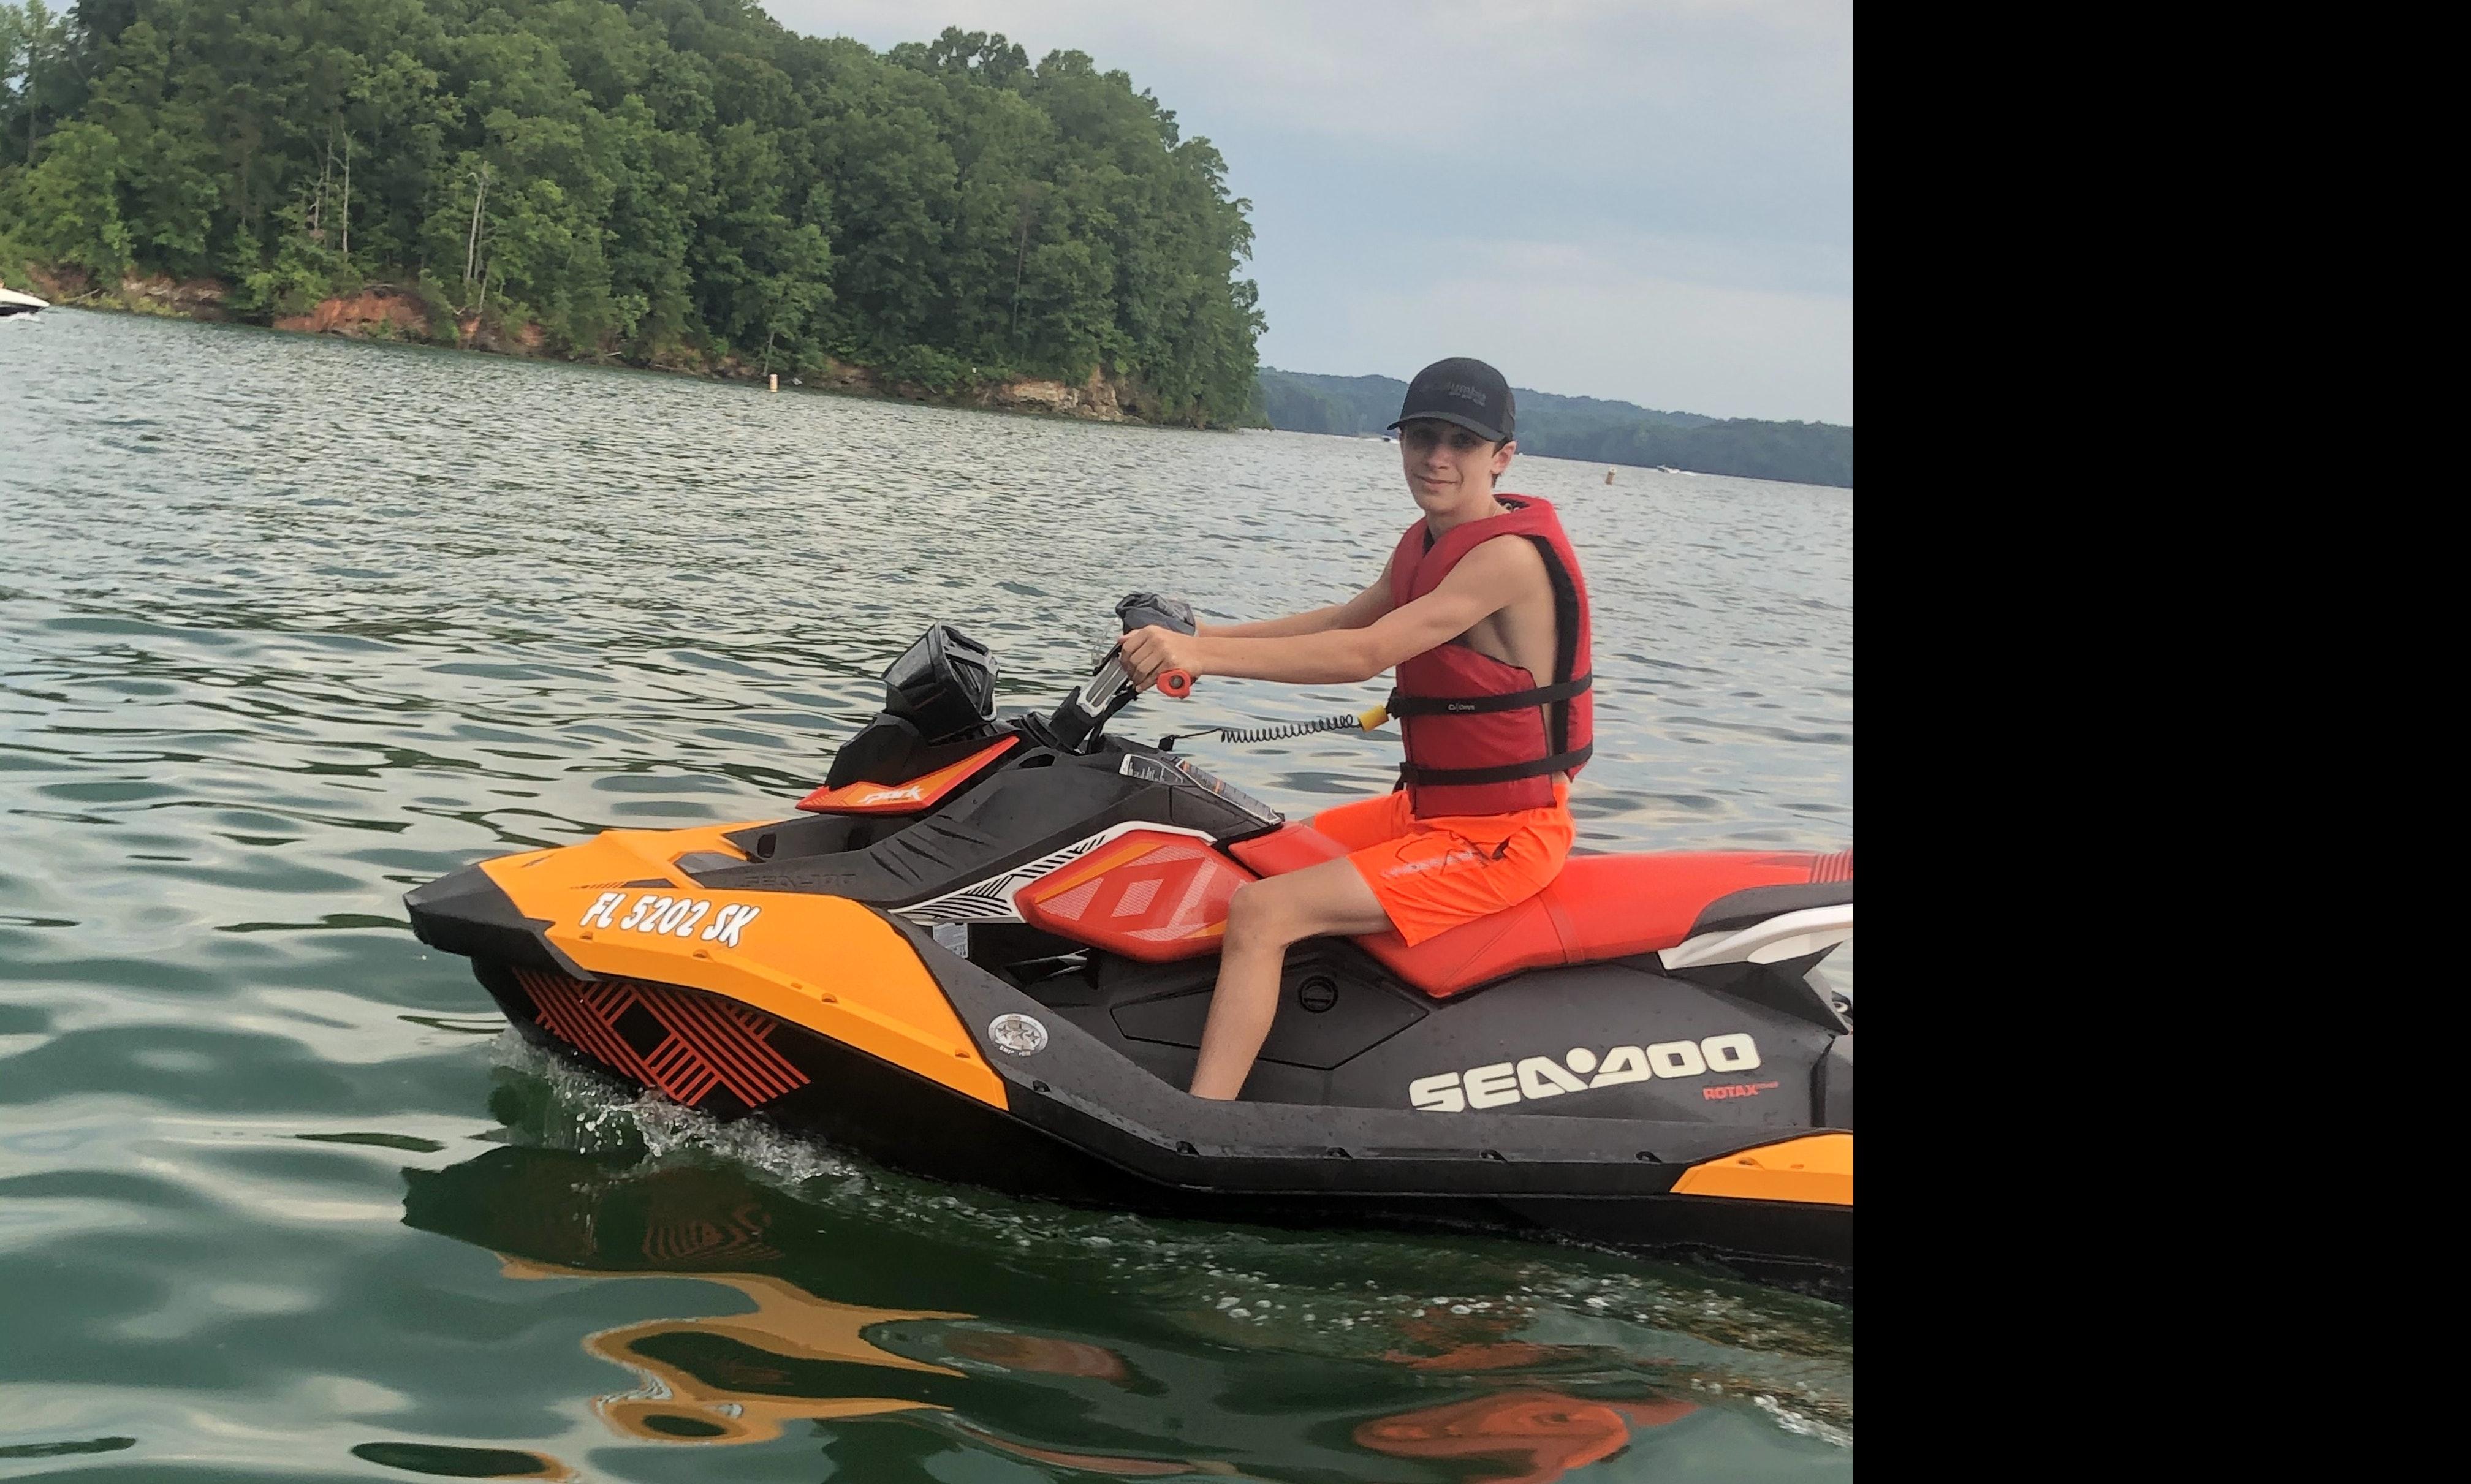 Fun Jet Skis for rent On Lake Lanier | GetMyBoat